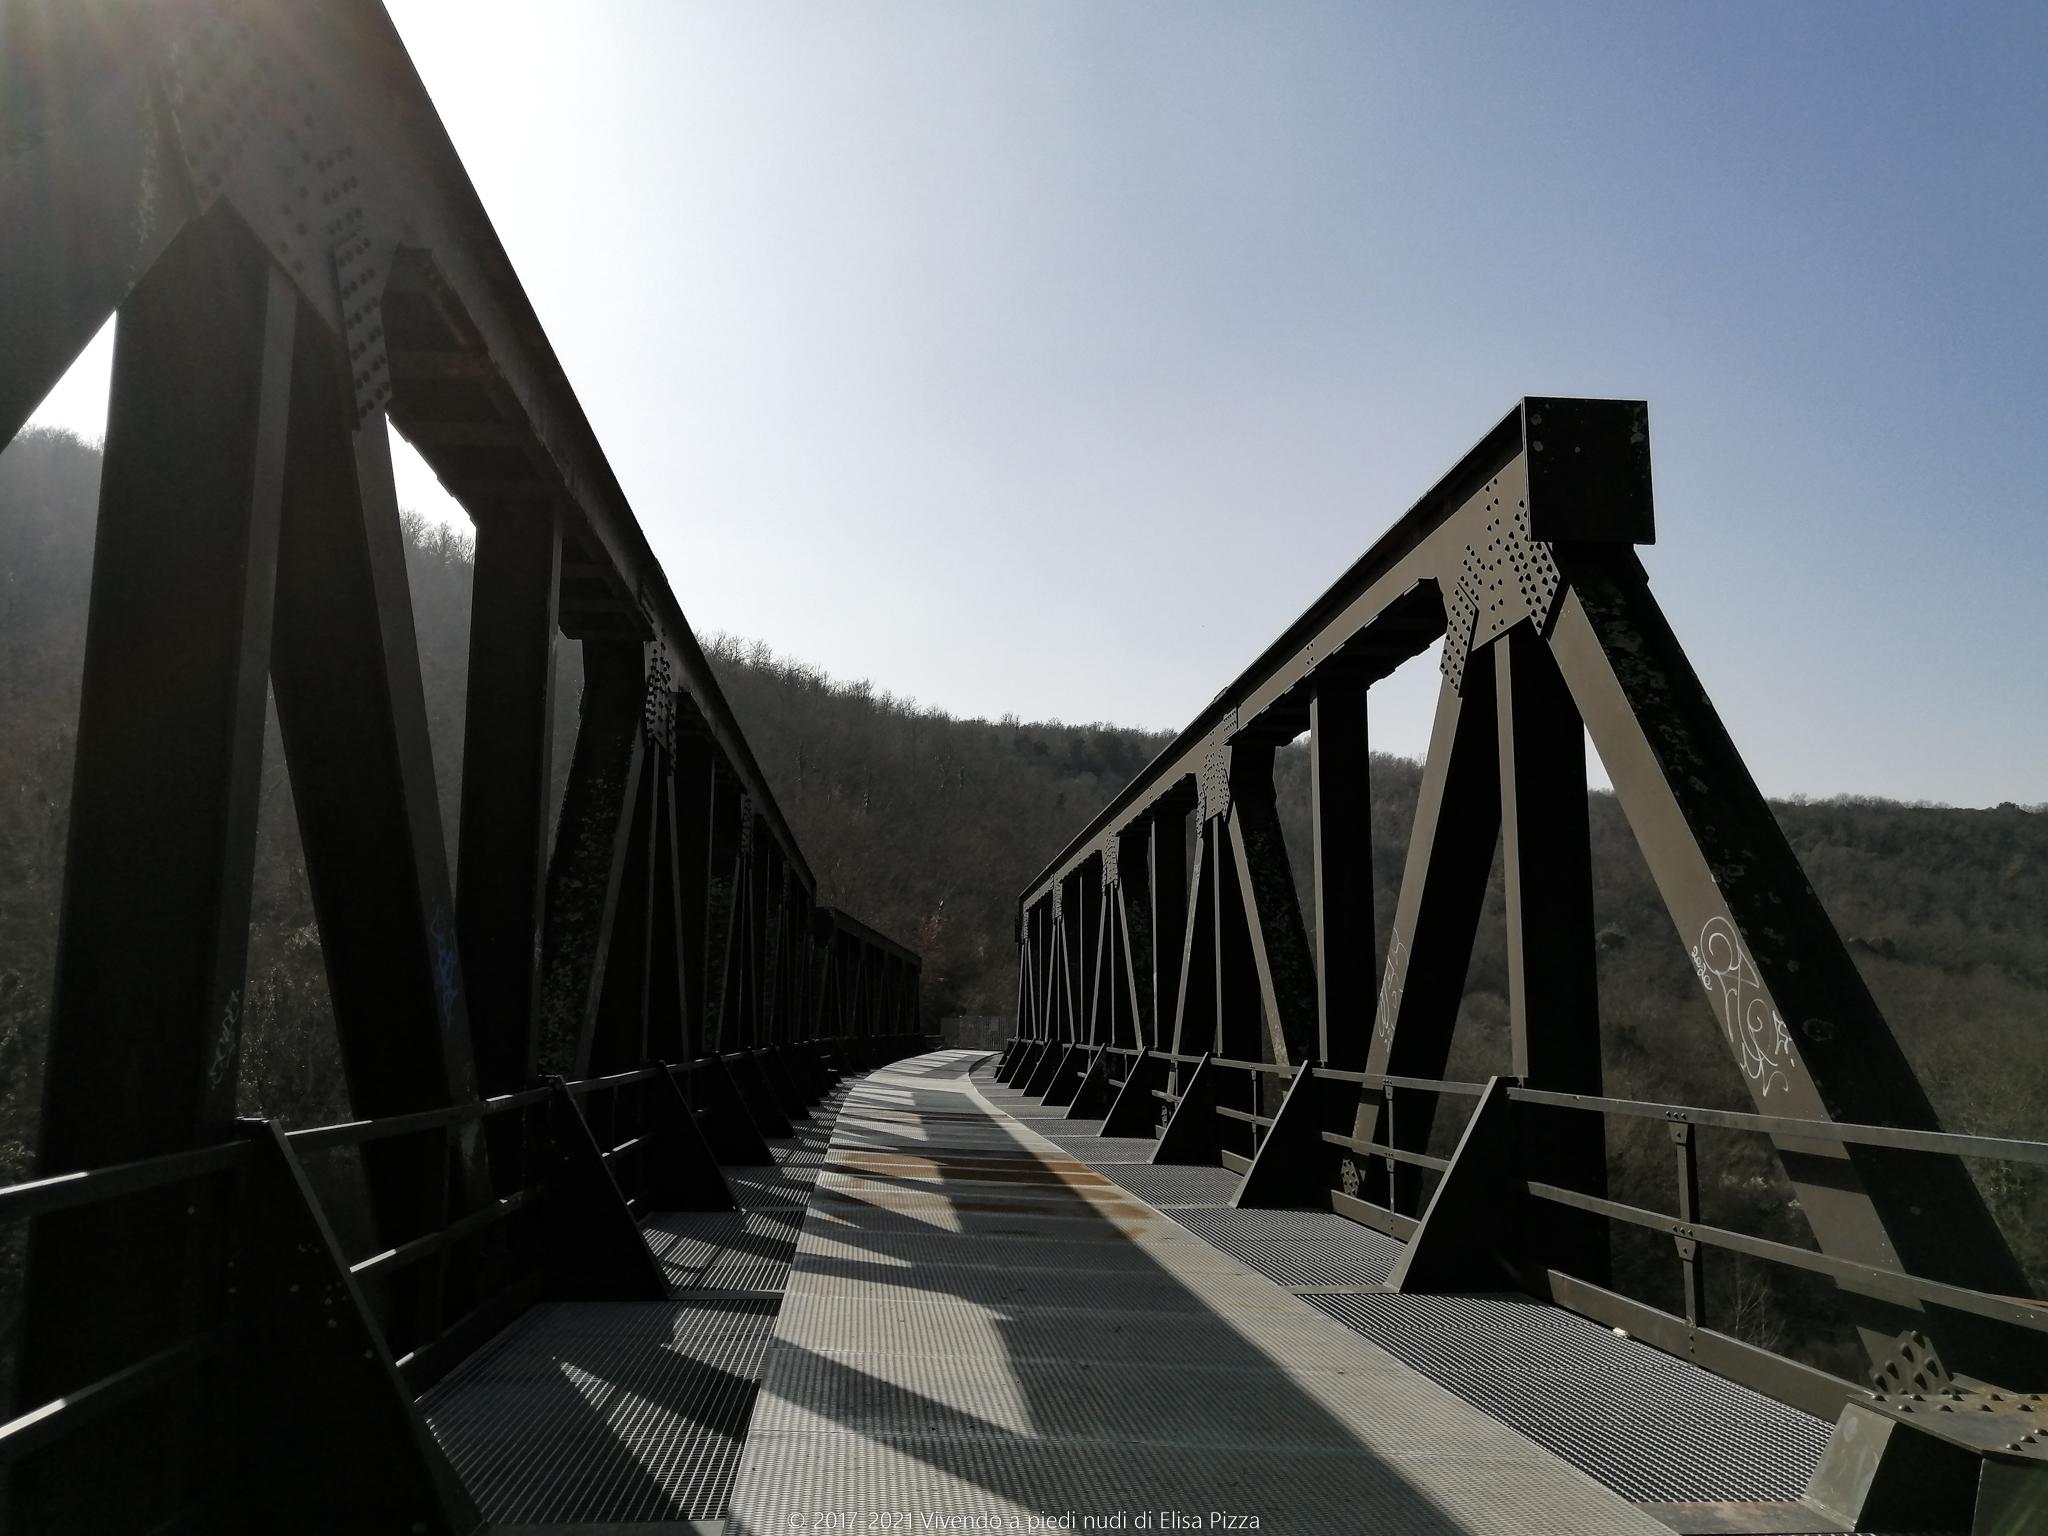 ponte ferrovia luni sul mignone